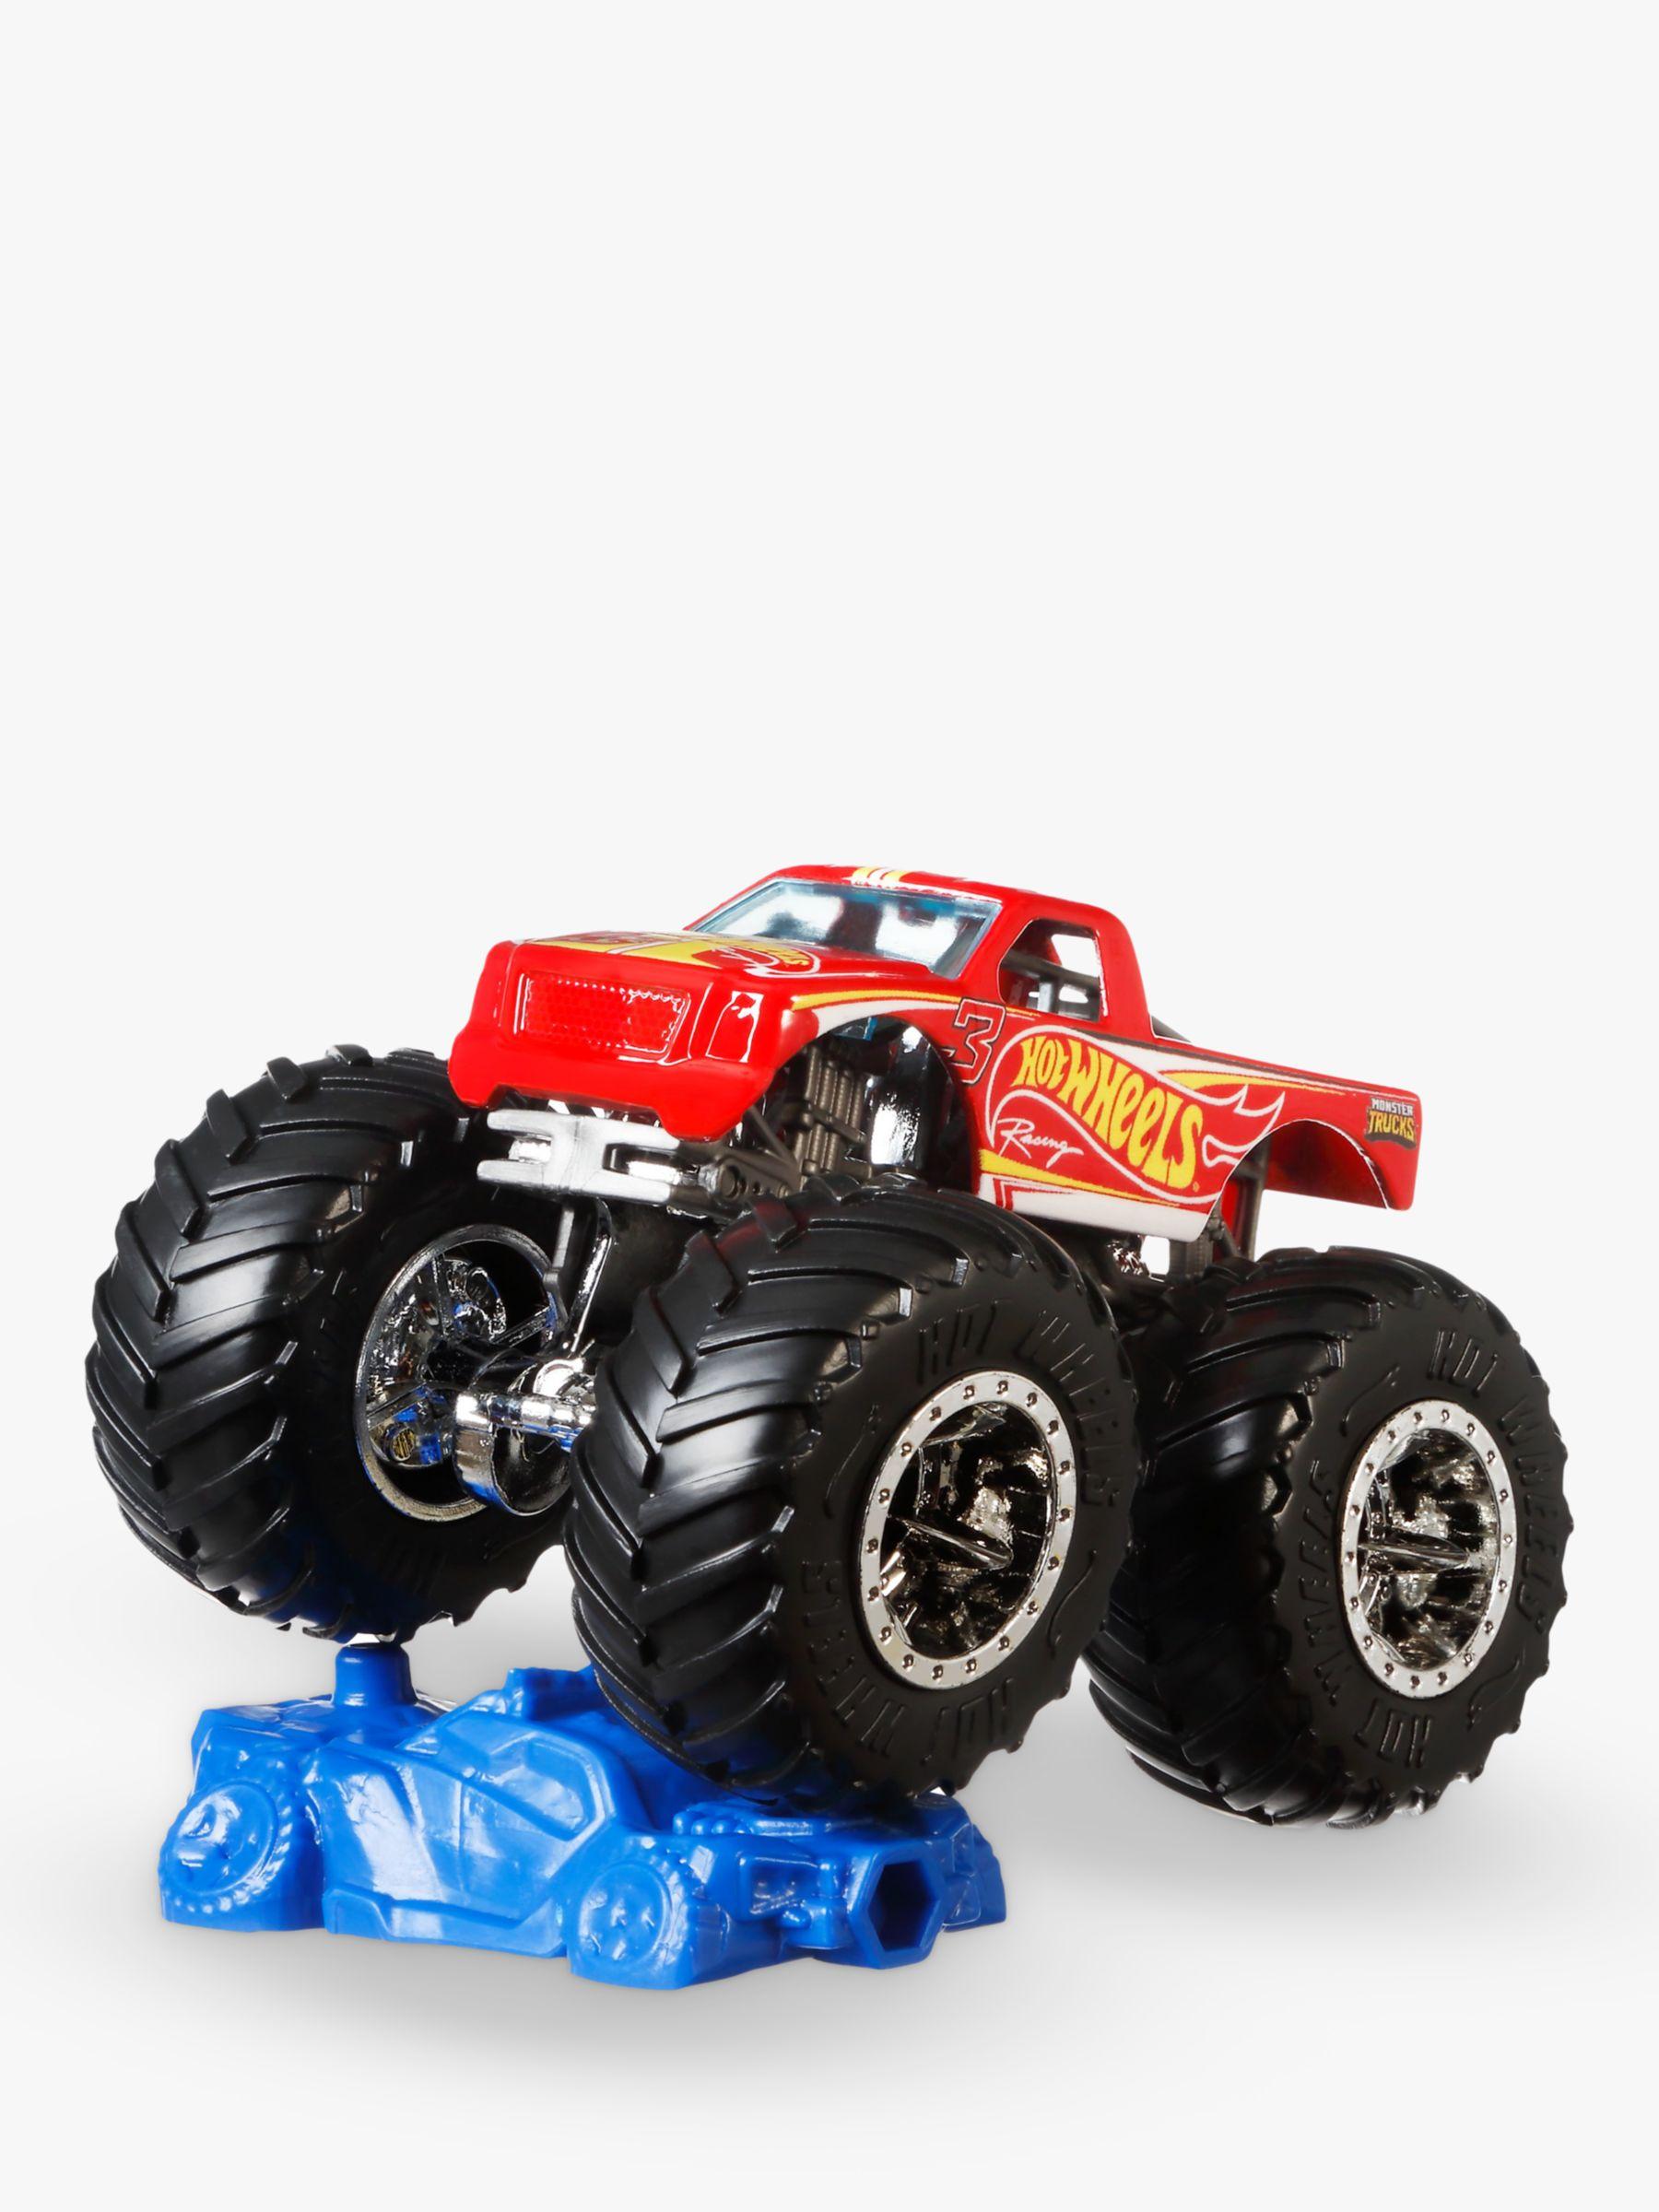 Hot Wheels Hot Wheels Monster Truck Assortment, Assorted